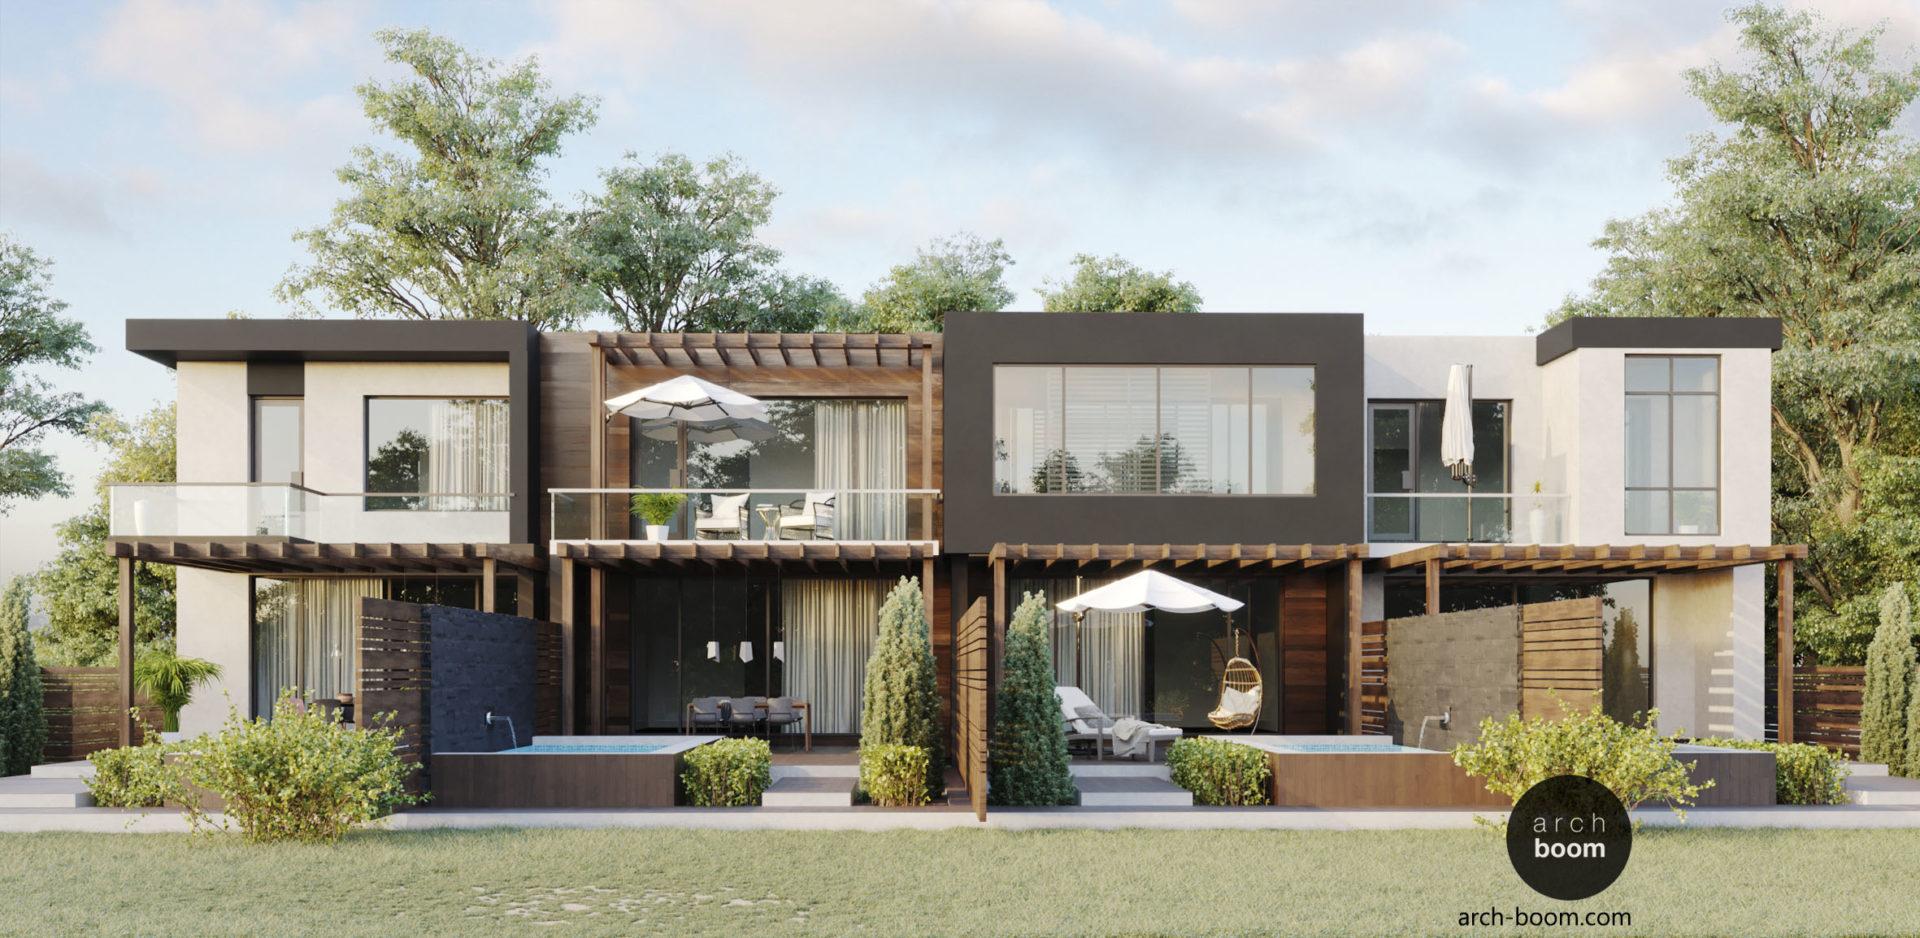 архитектурный проект таунхауса в современном стиле харьков киев